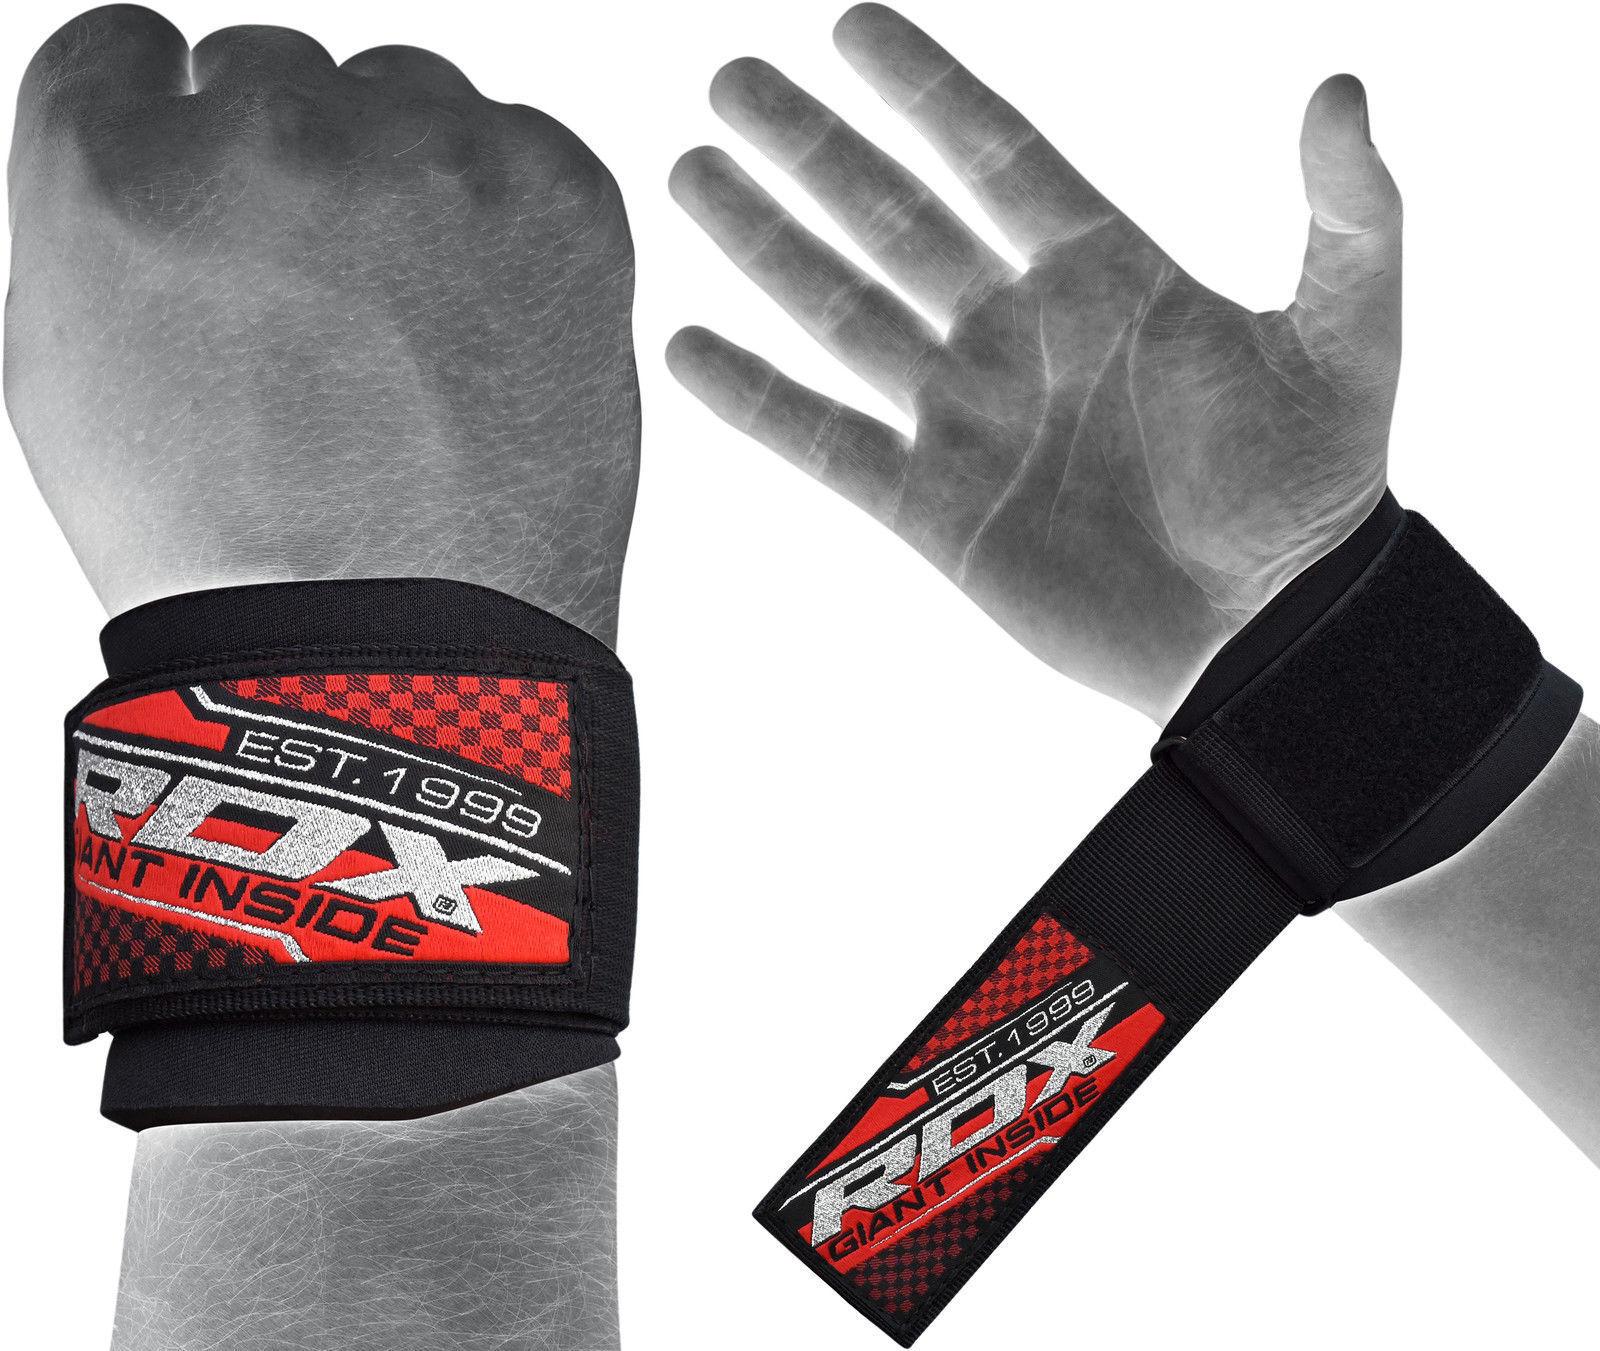 RDX Gym Straps Gewichtheben Gewichtheben Straps Wrist Wrap Fitness Griff Handgelenkschutz Griffhilfe d5949c